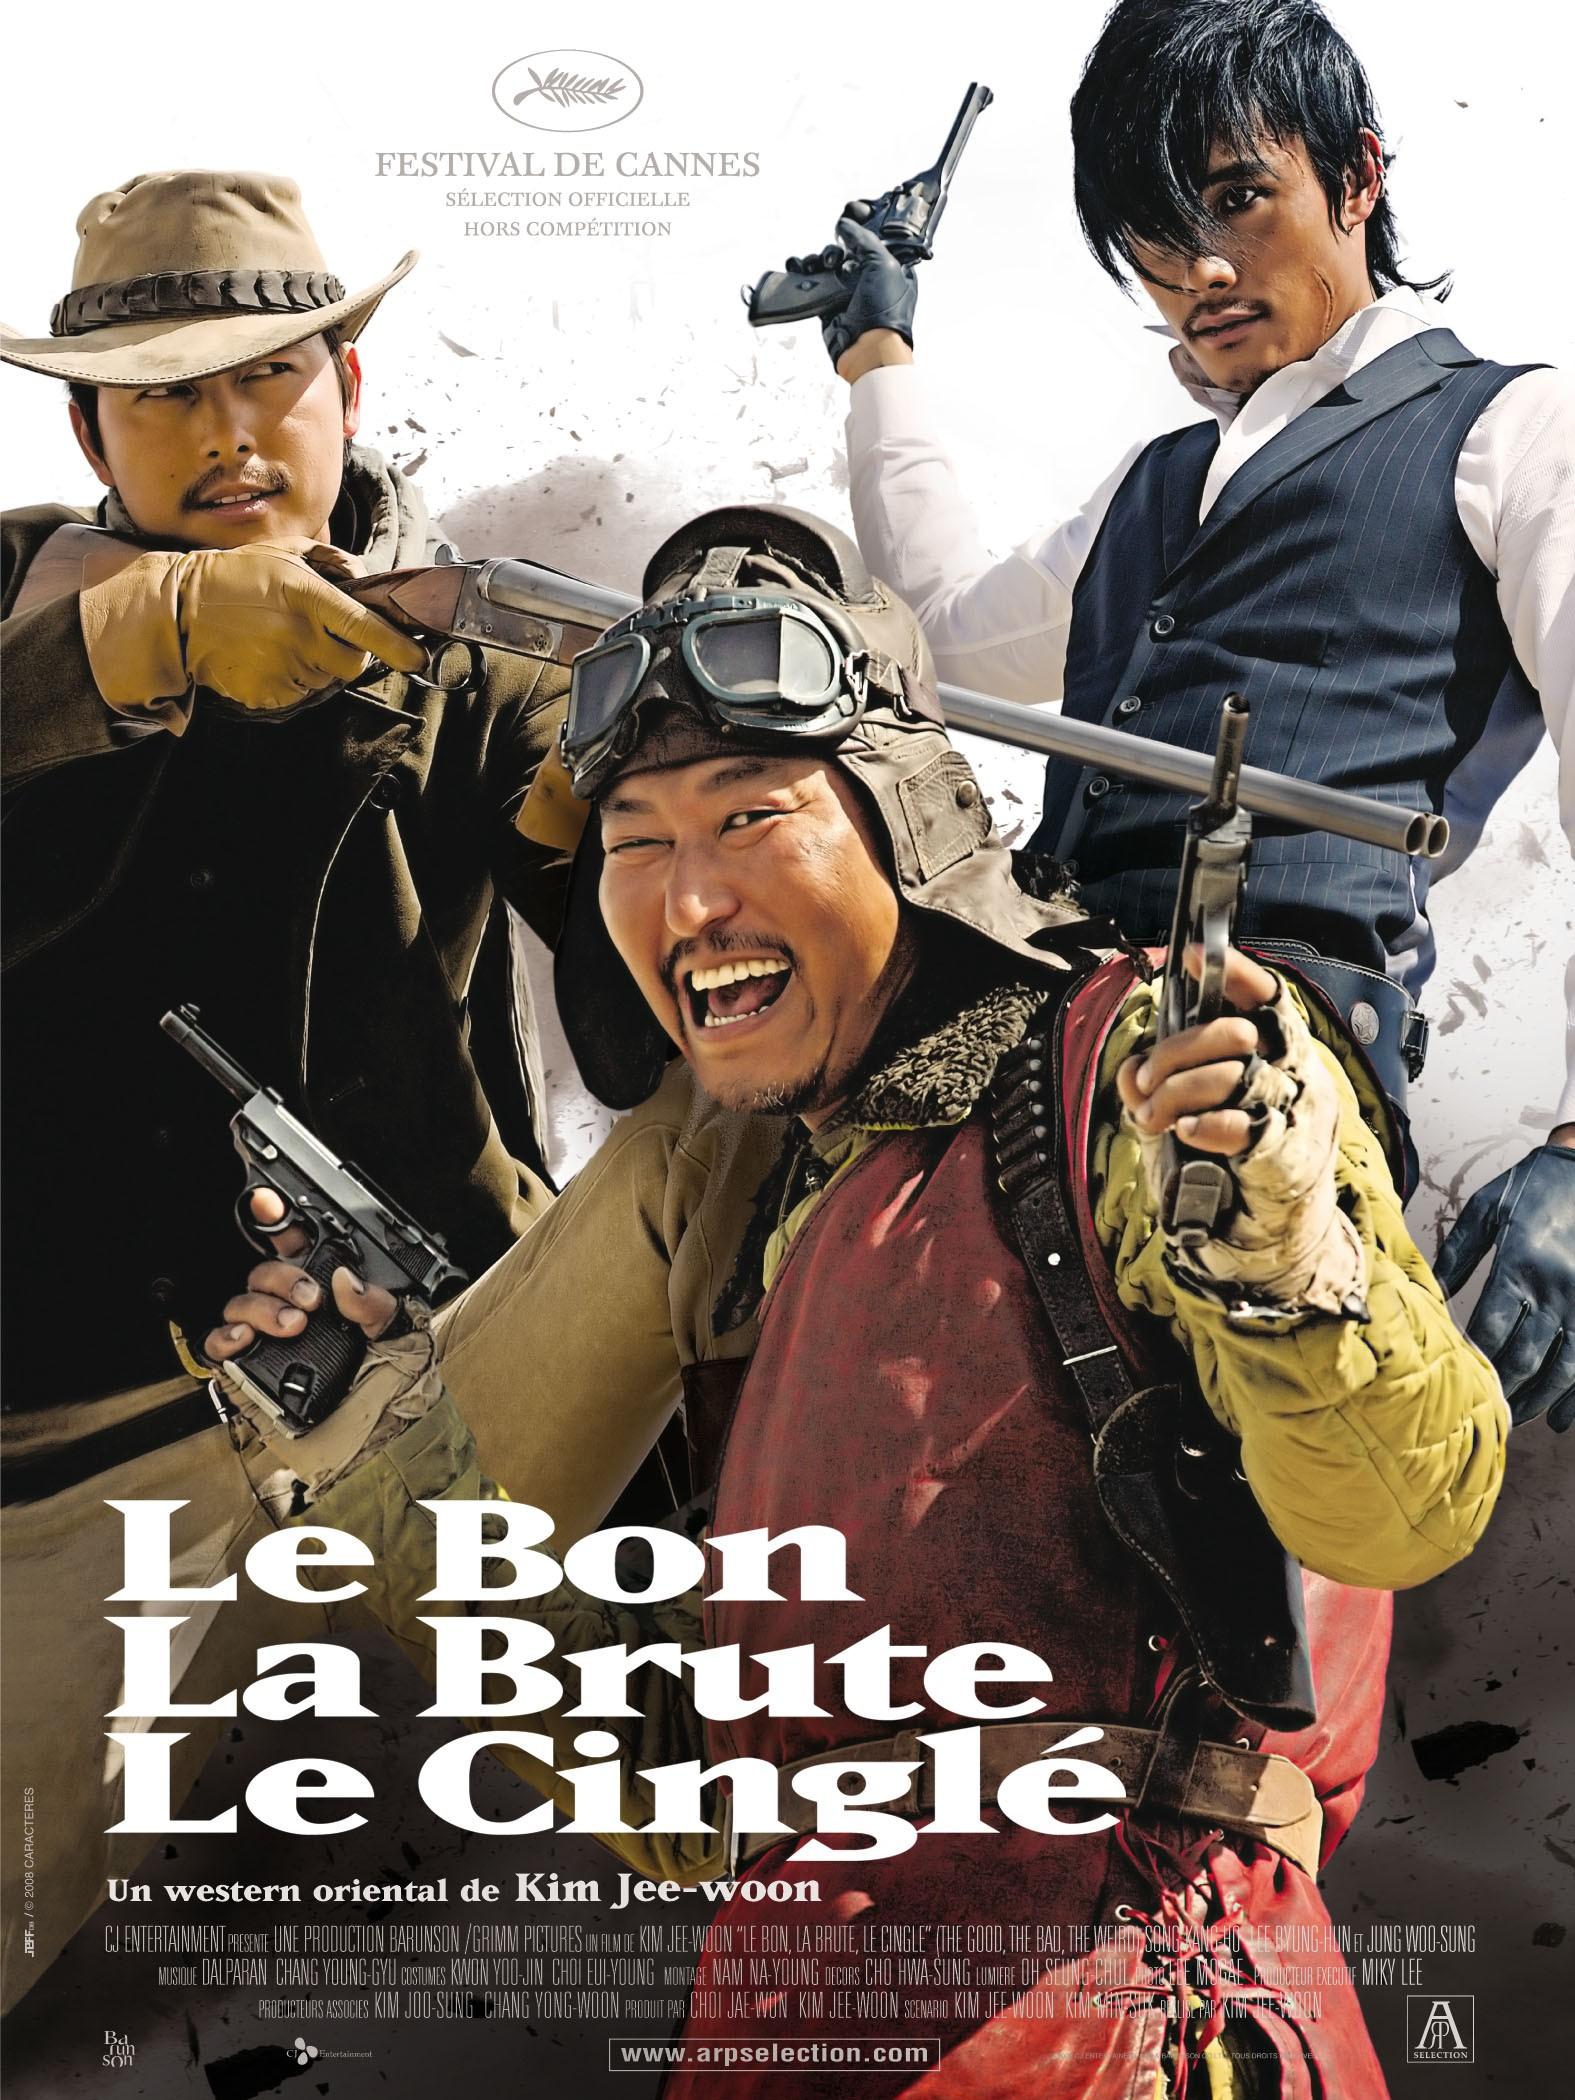 [MULTI] Le Bon, la Brute et le Cinglé [DVDRiP]